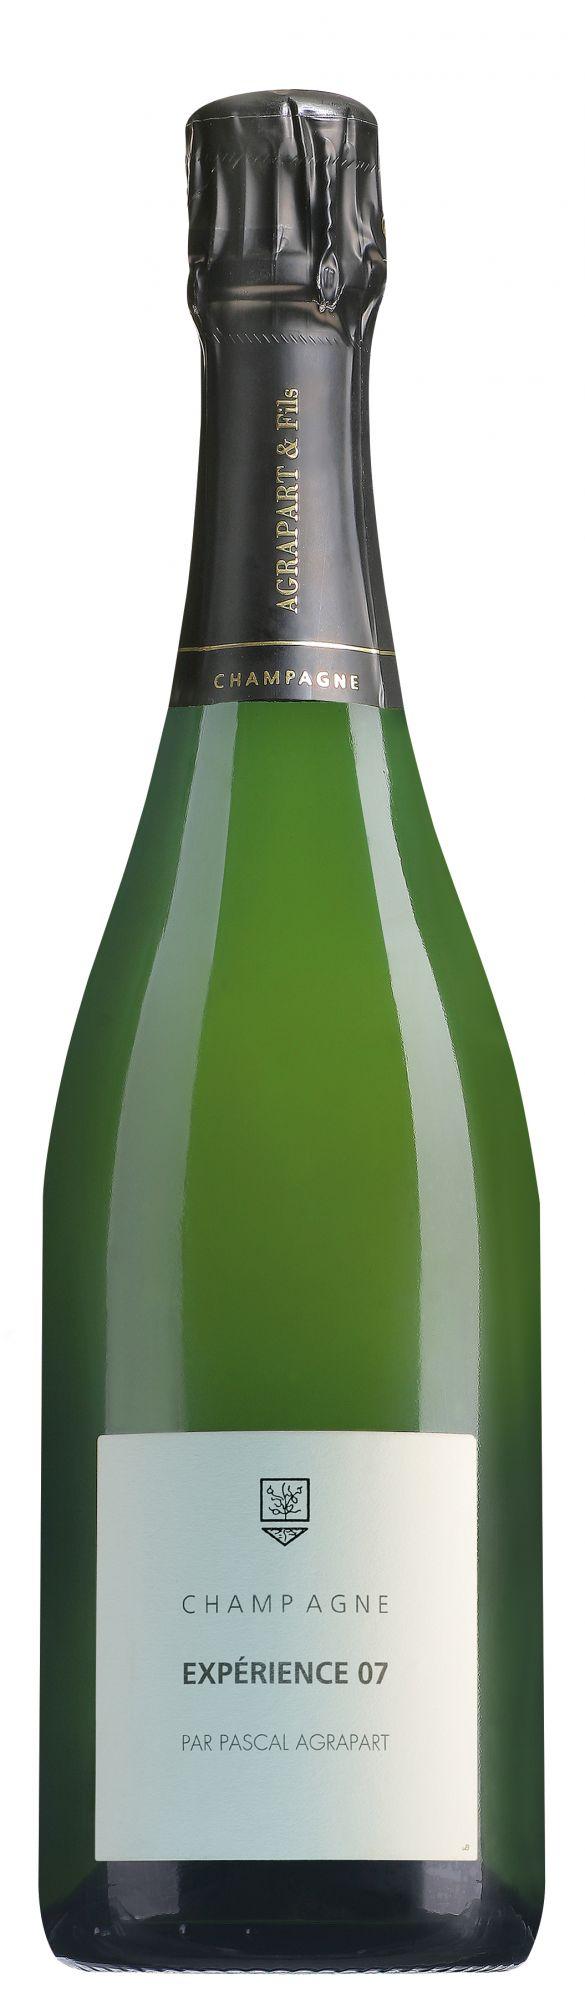 Agrapart Champagne Grand Cru Expérience Brut Nature